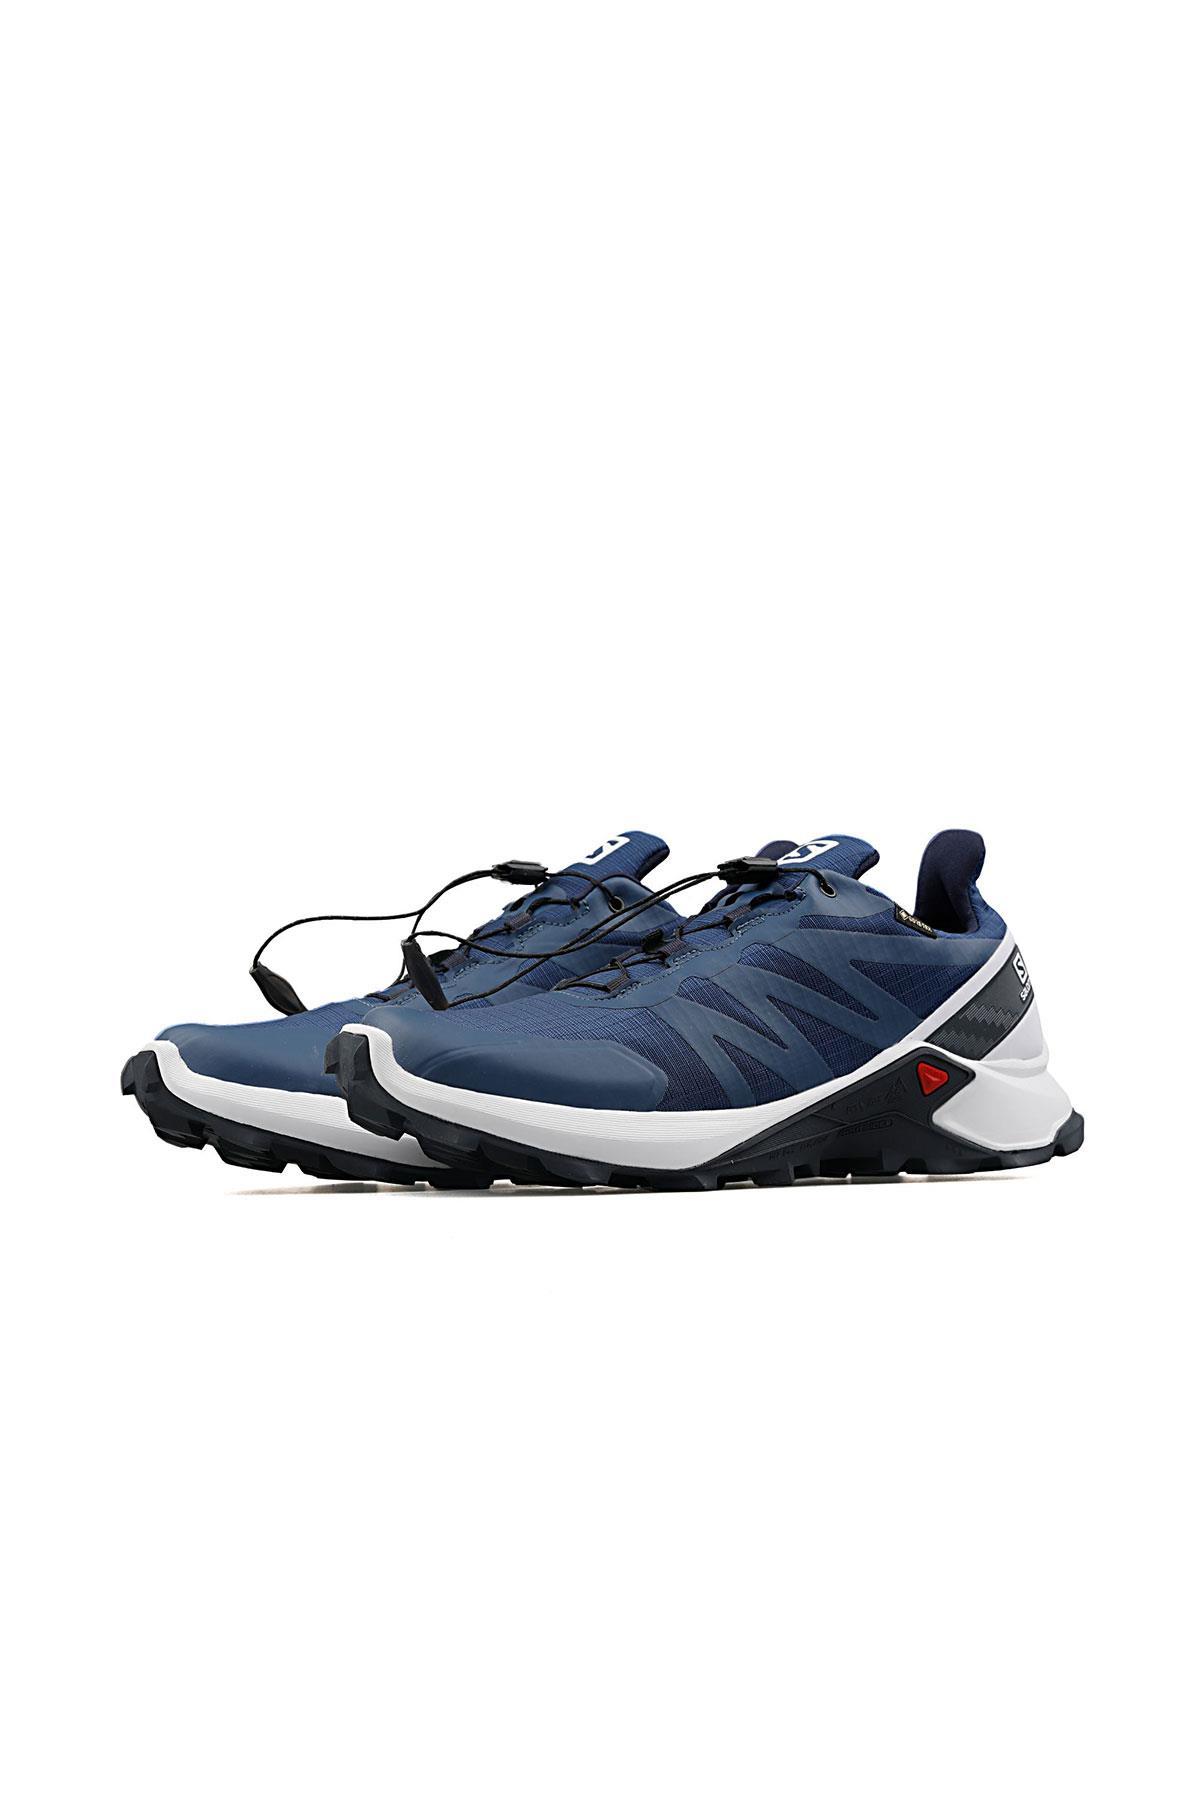 Salomon Supercross Gtx Erkek Koşu Ayakkabı